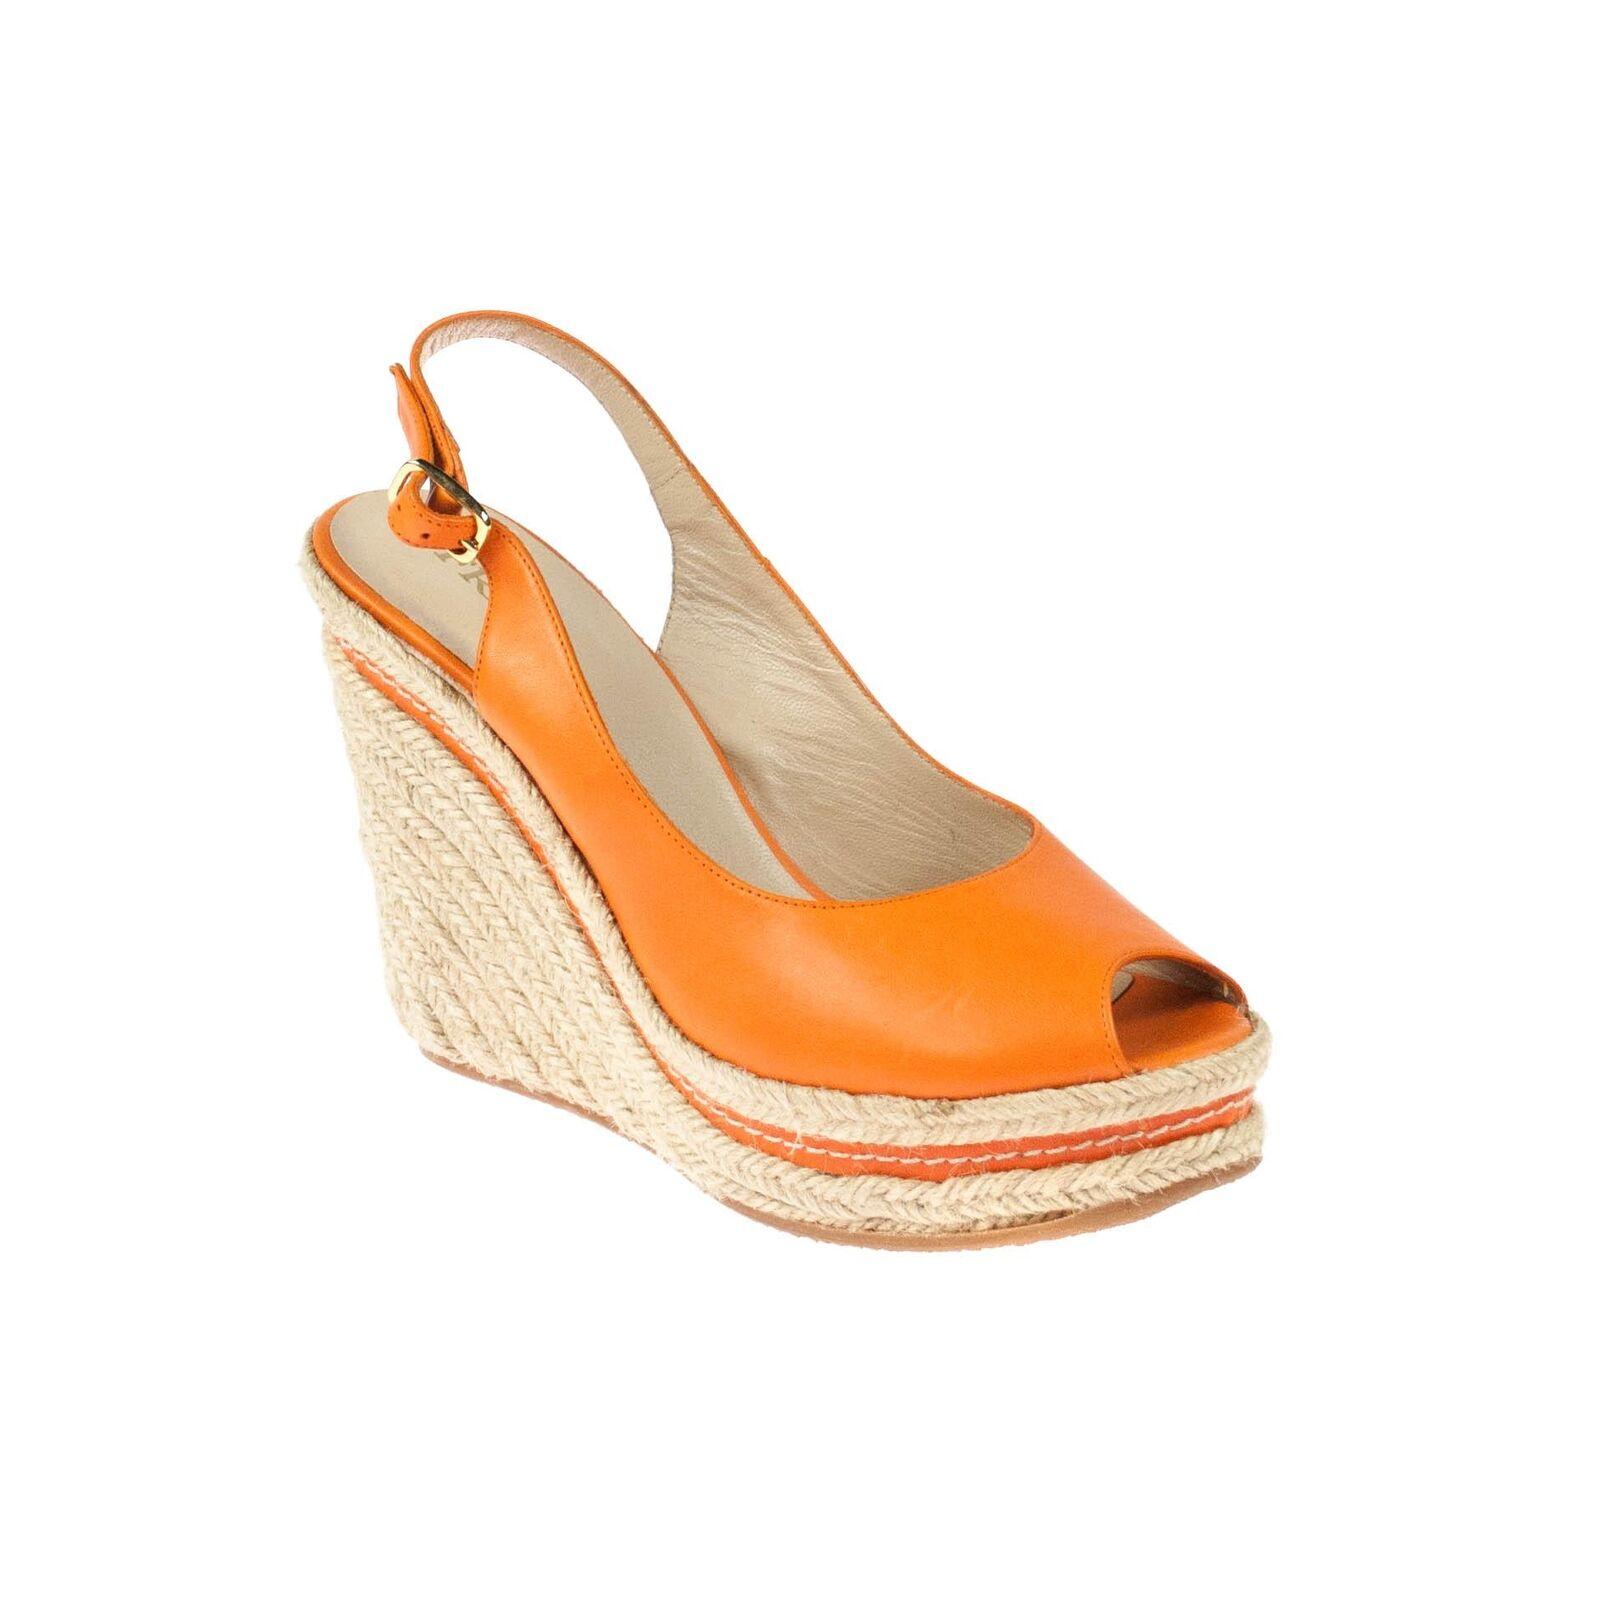 low priced 3e9c0 5fea2 Frida Donna zeppa zeppa zeppa sandali zeppe in pelle ...